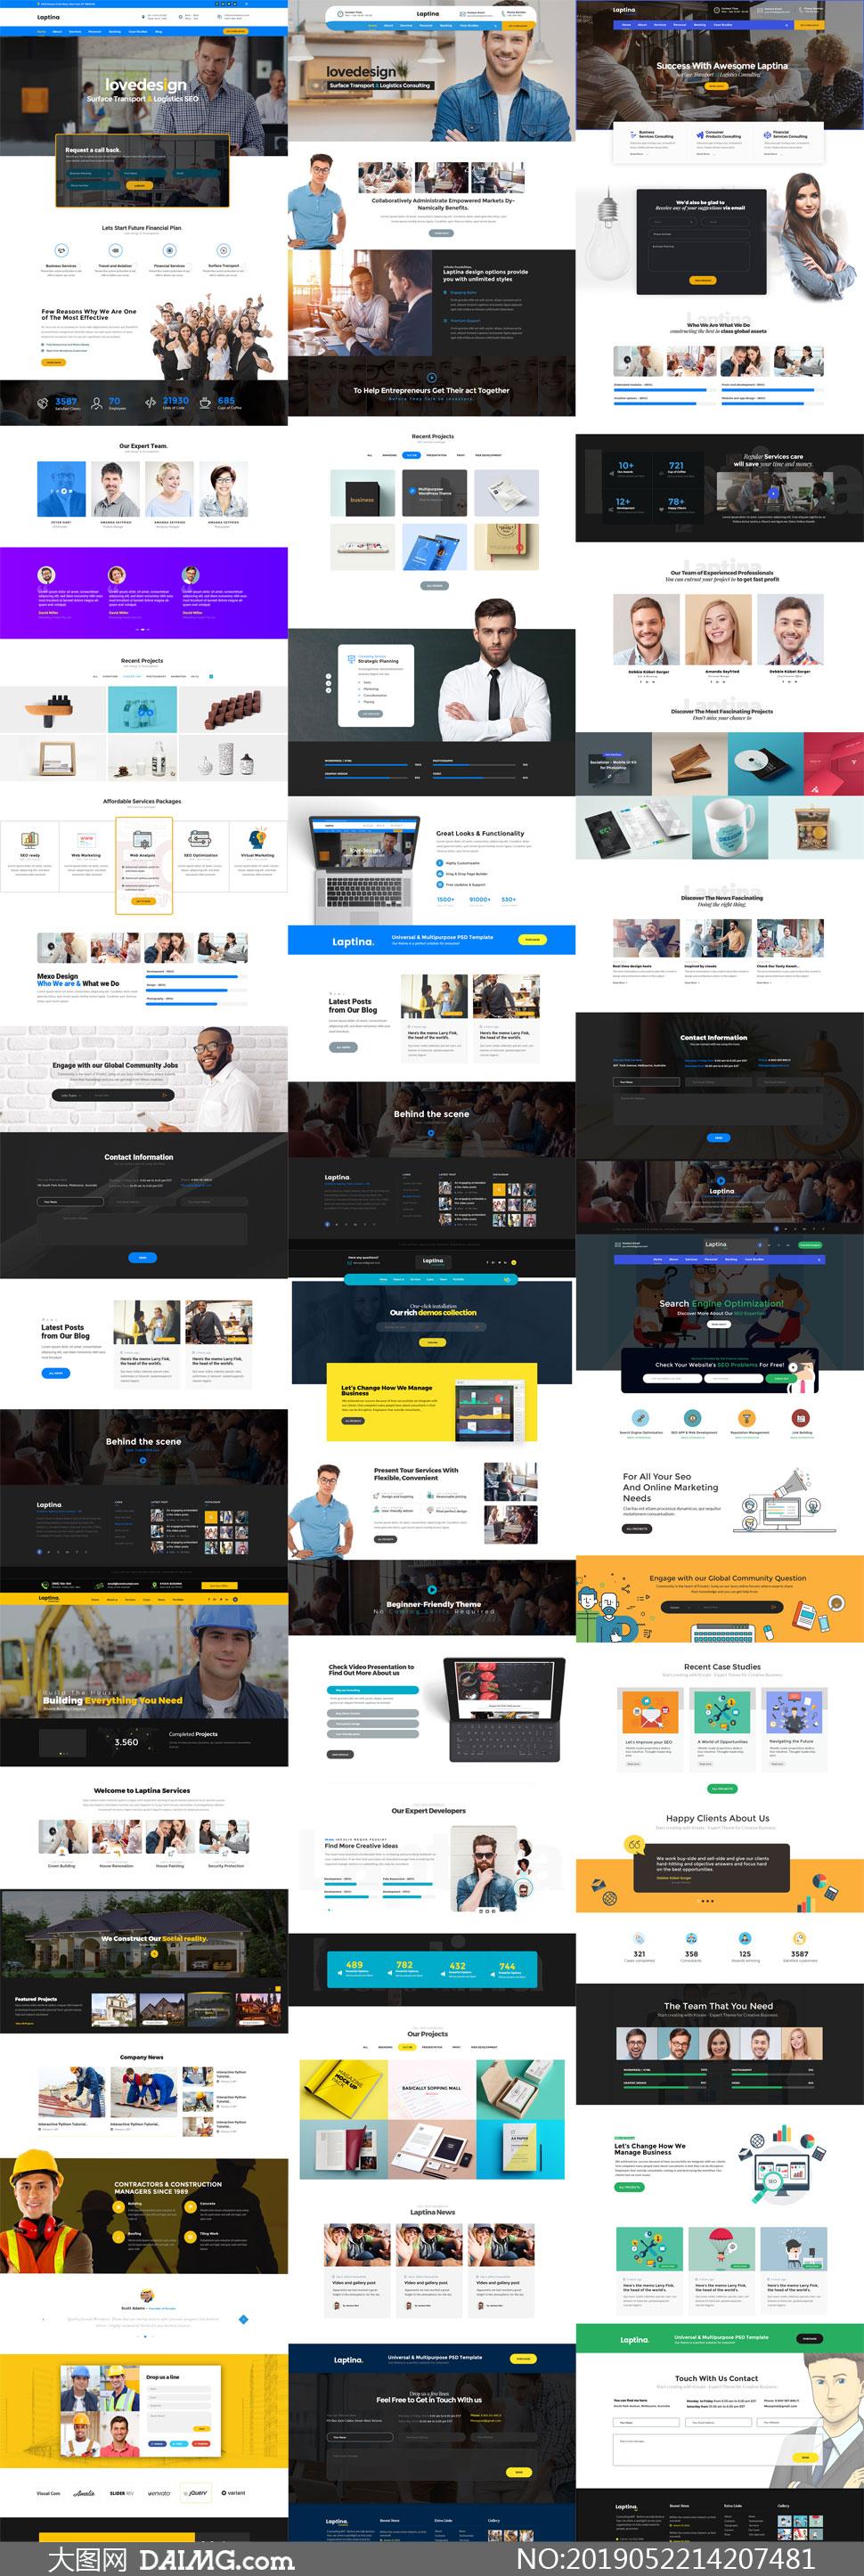 应用广泛的网站布局设计模板源文件